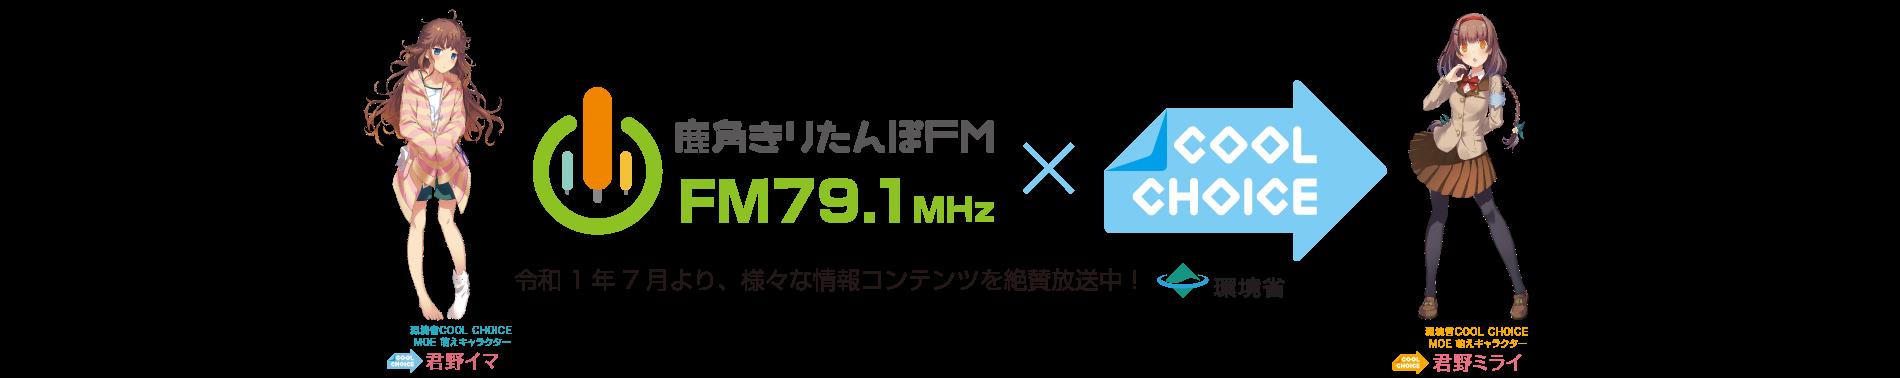 鹿角きりたんぽFM×COOL CHOICE特設ページ